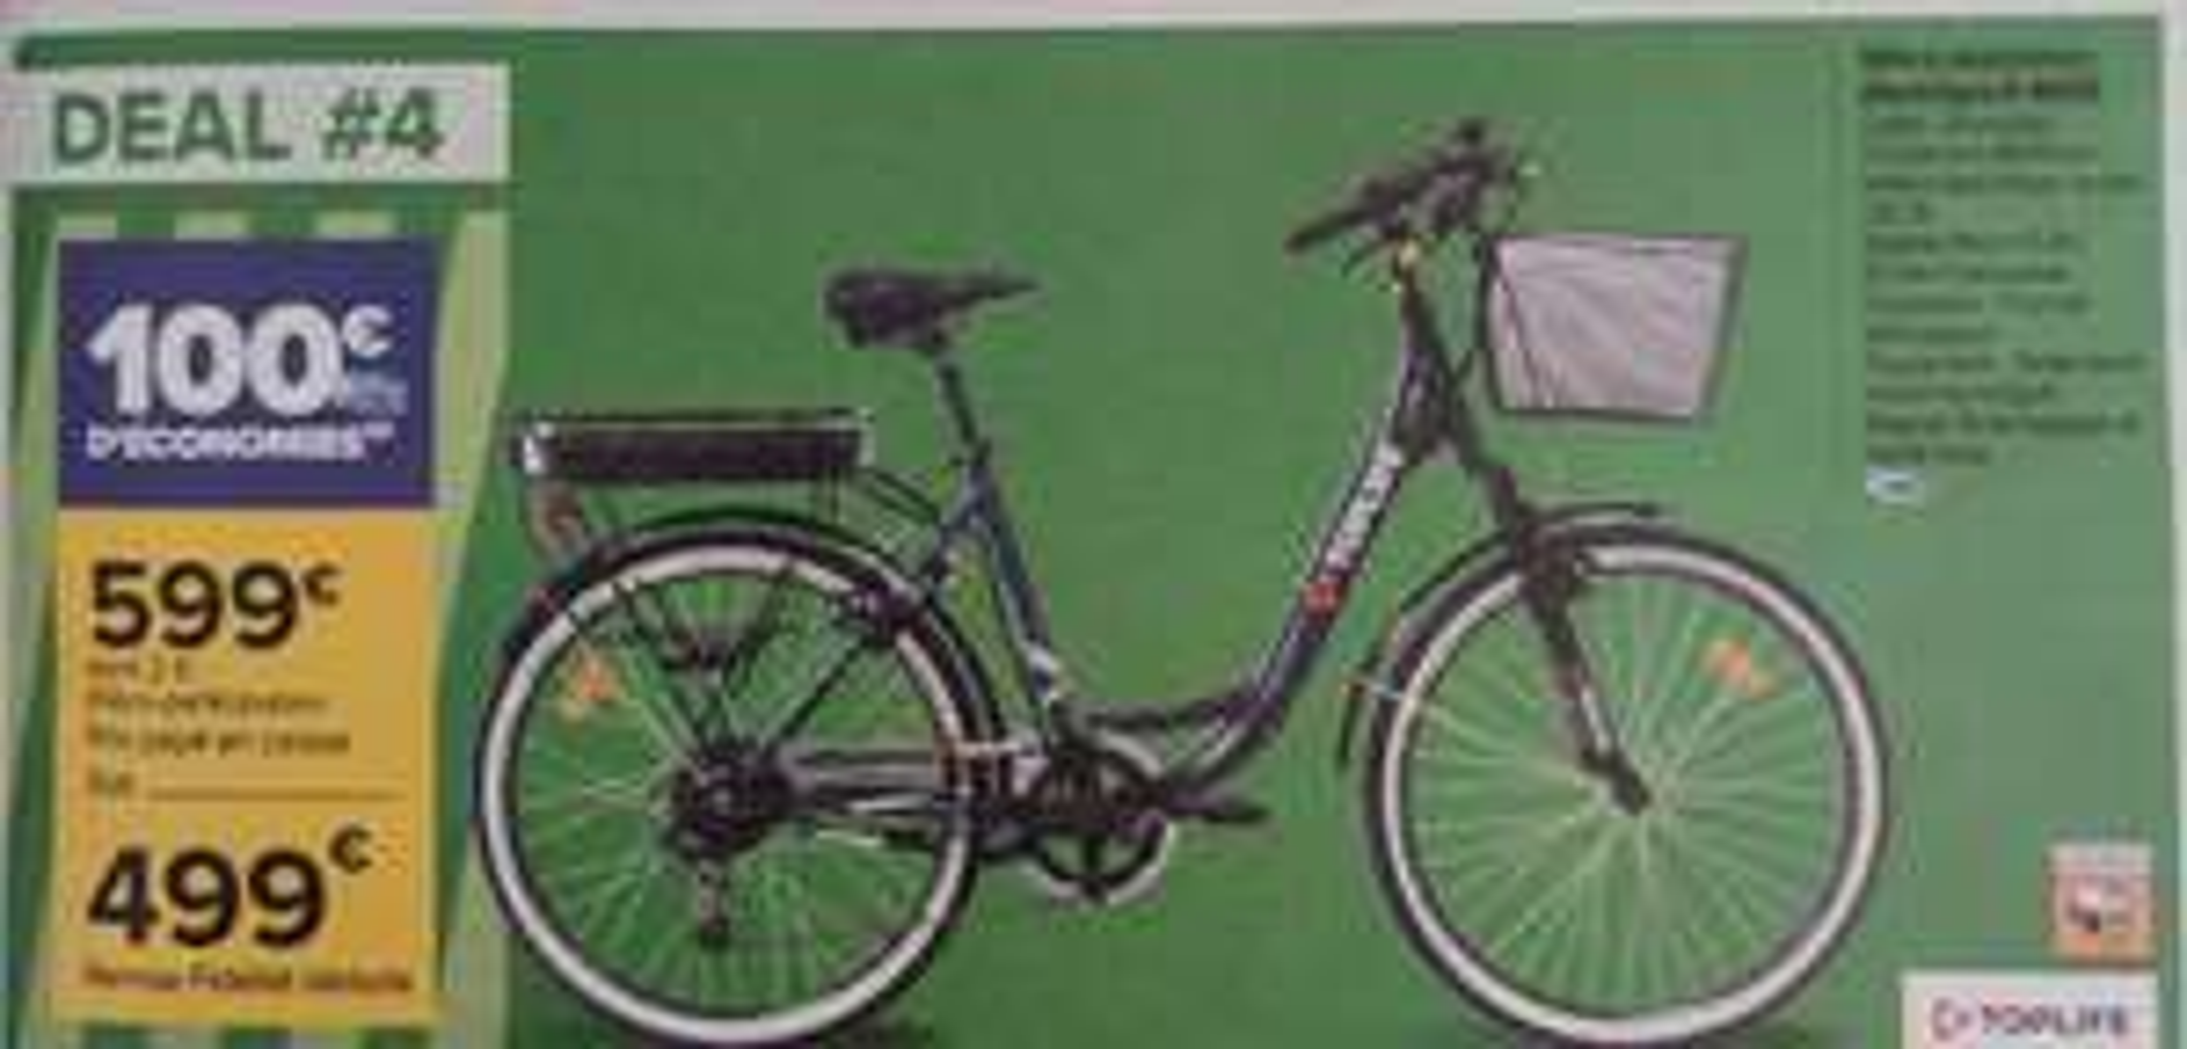 Vélo de ville à assistance électrique Toplife Denver E-4600 (via 100€ sur la carte de fidélité)